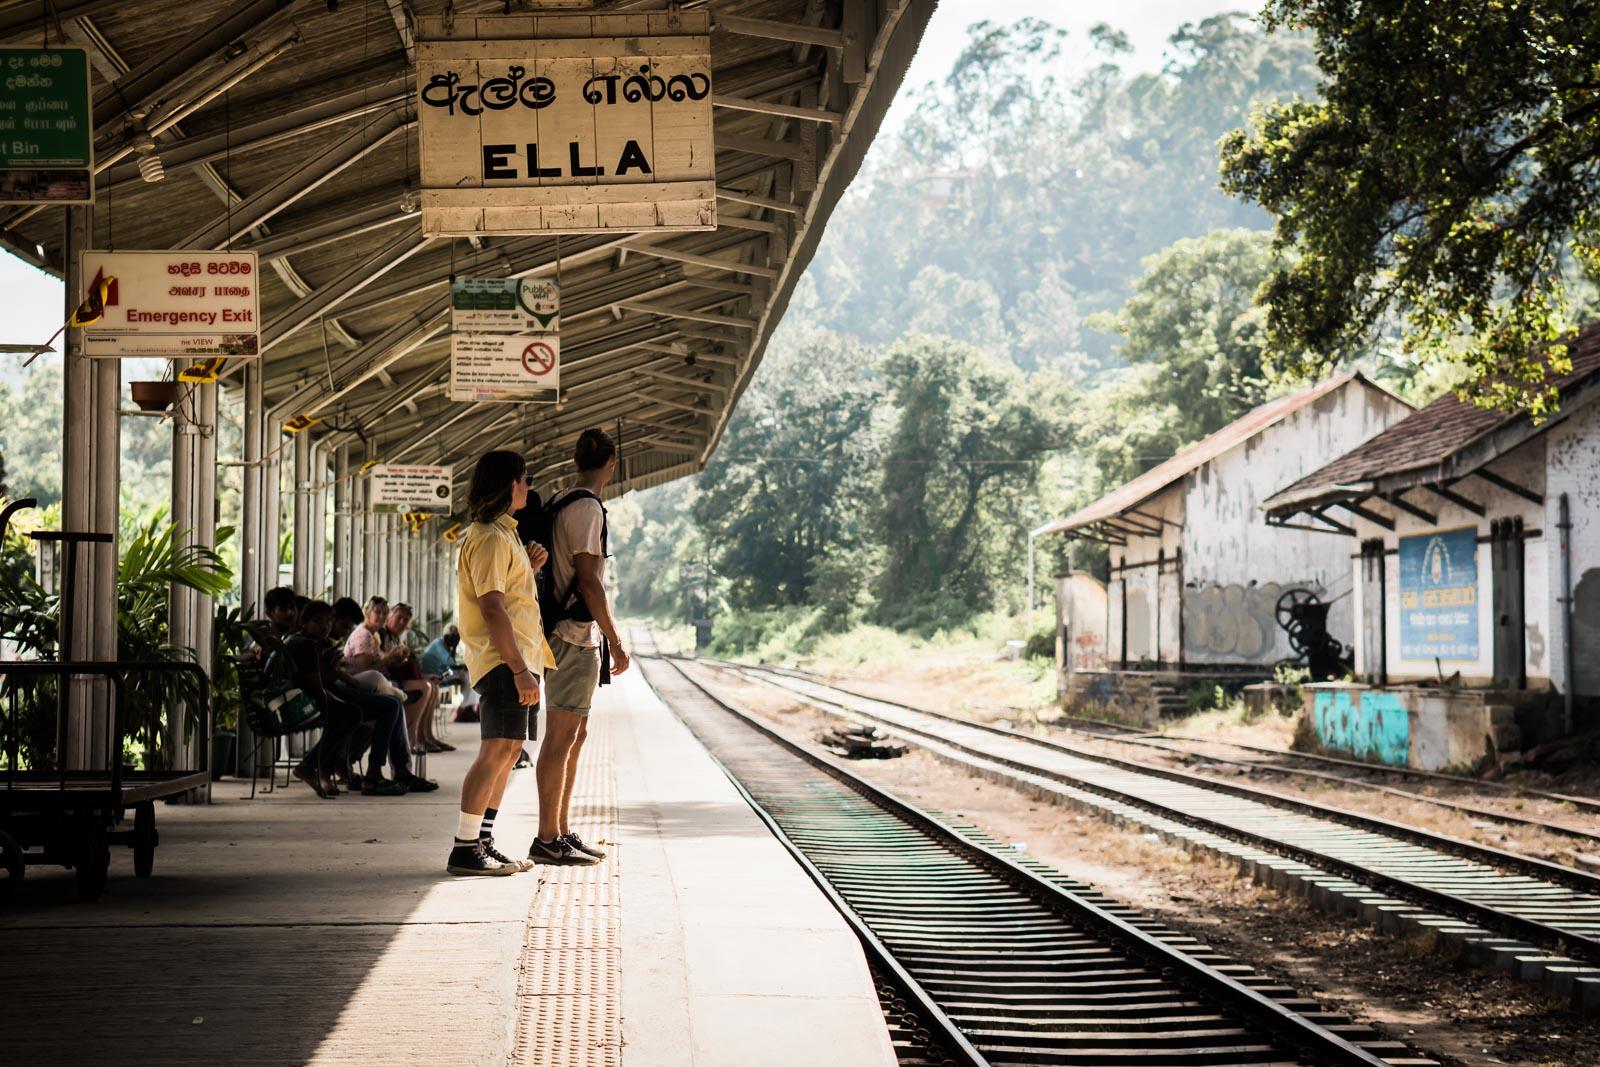 train-station-ella-sri-lanka